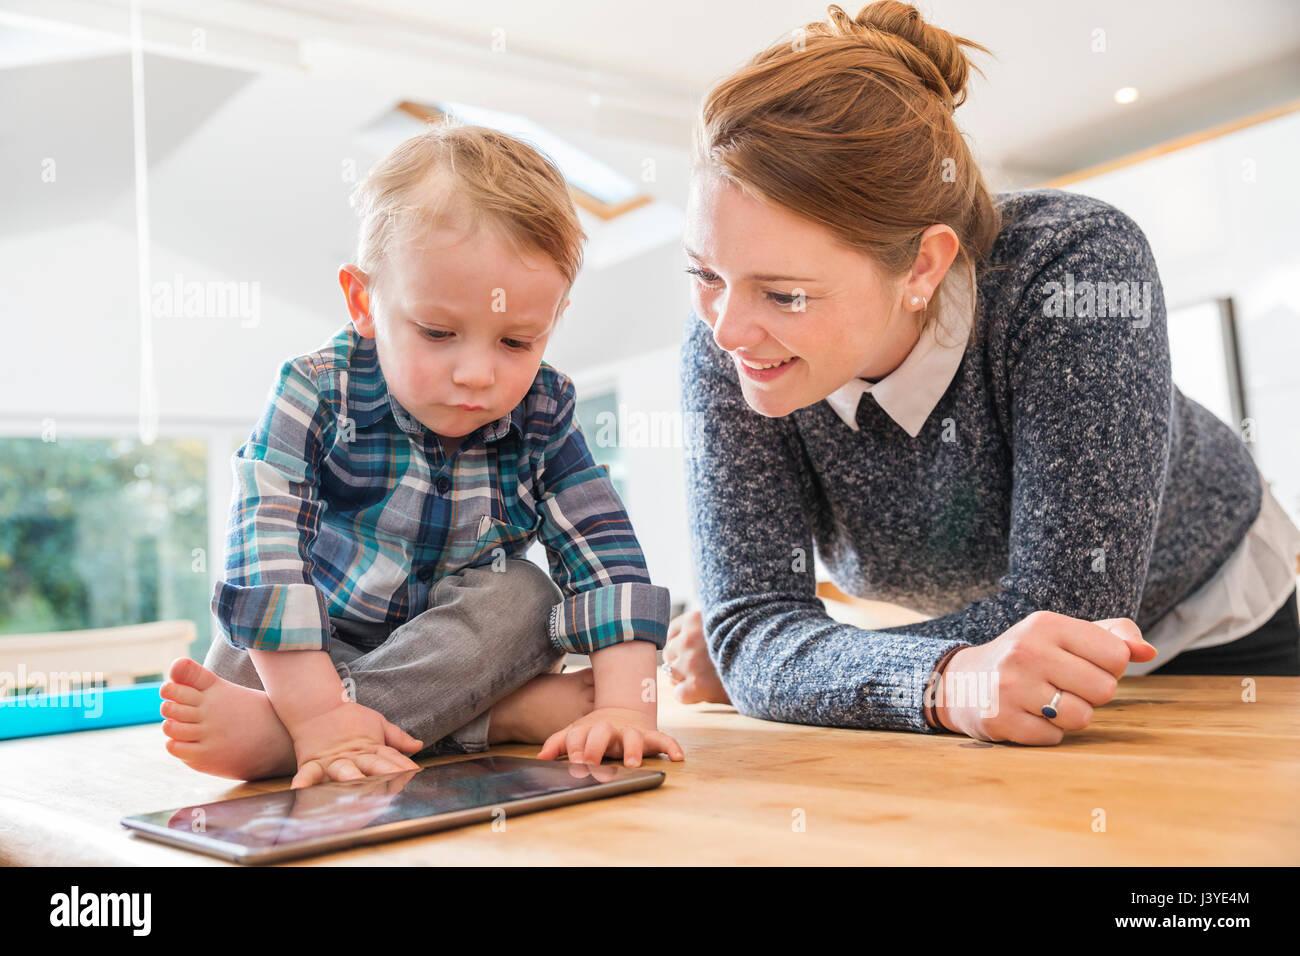 La madre y el niño pequeño mirando tablet en casa Imagen De Stock